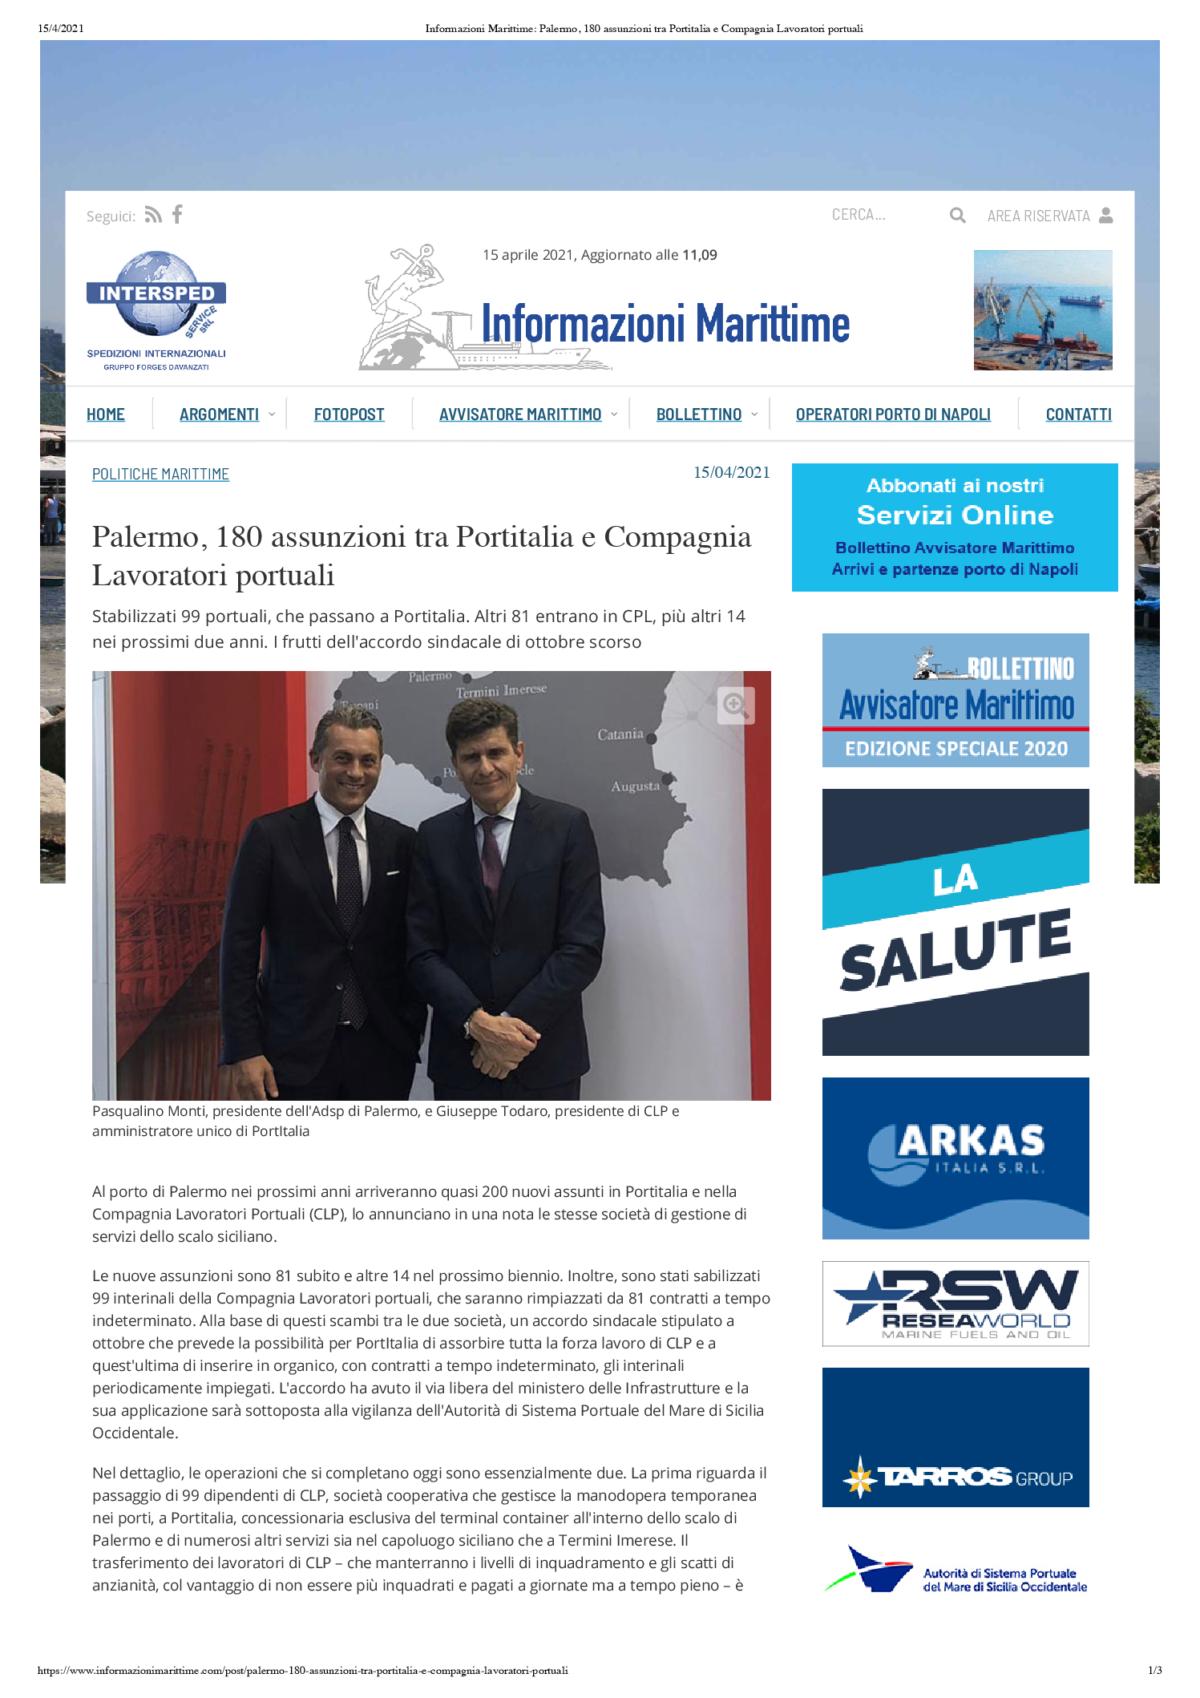 Informazioni Marittime_ Palermo, 180 assunzioni tra Portitalia e Compagnia Lavoratori portuali